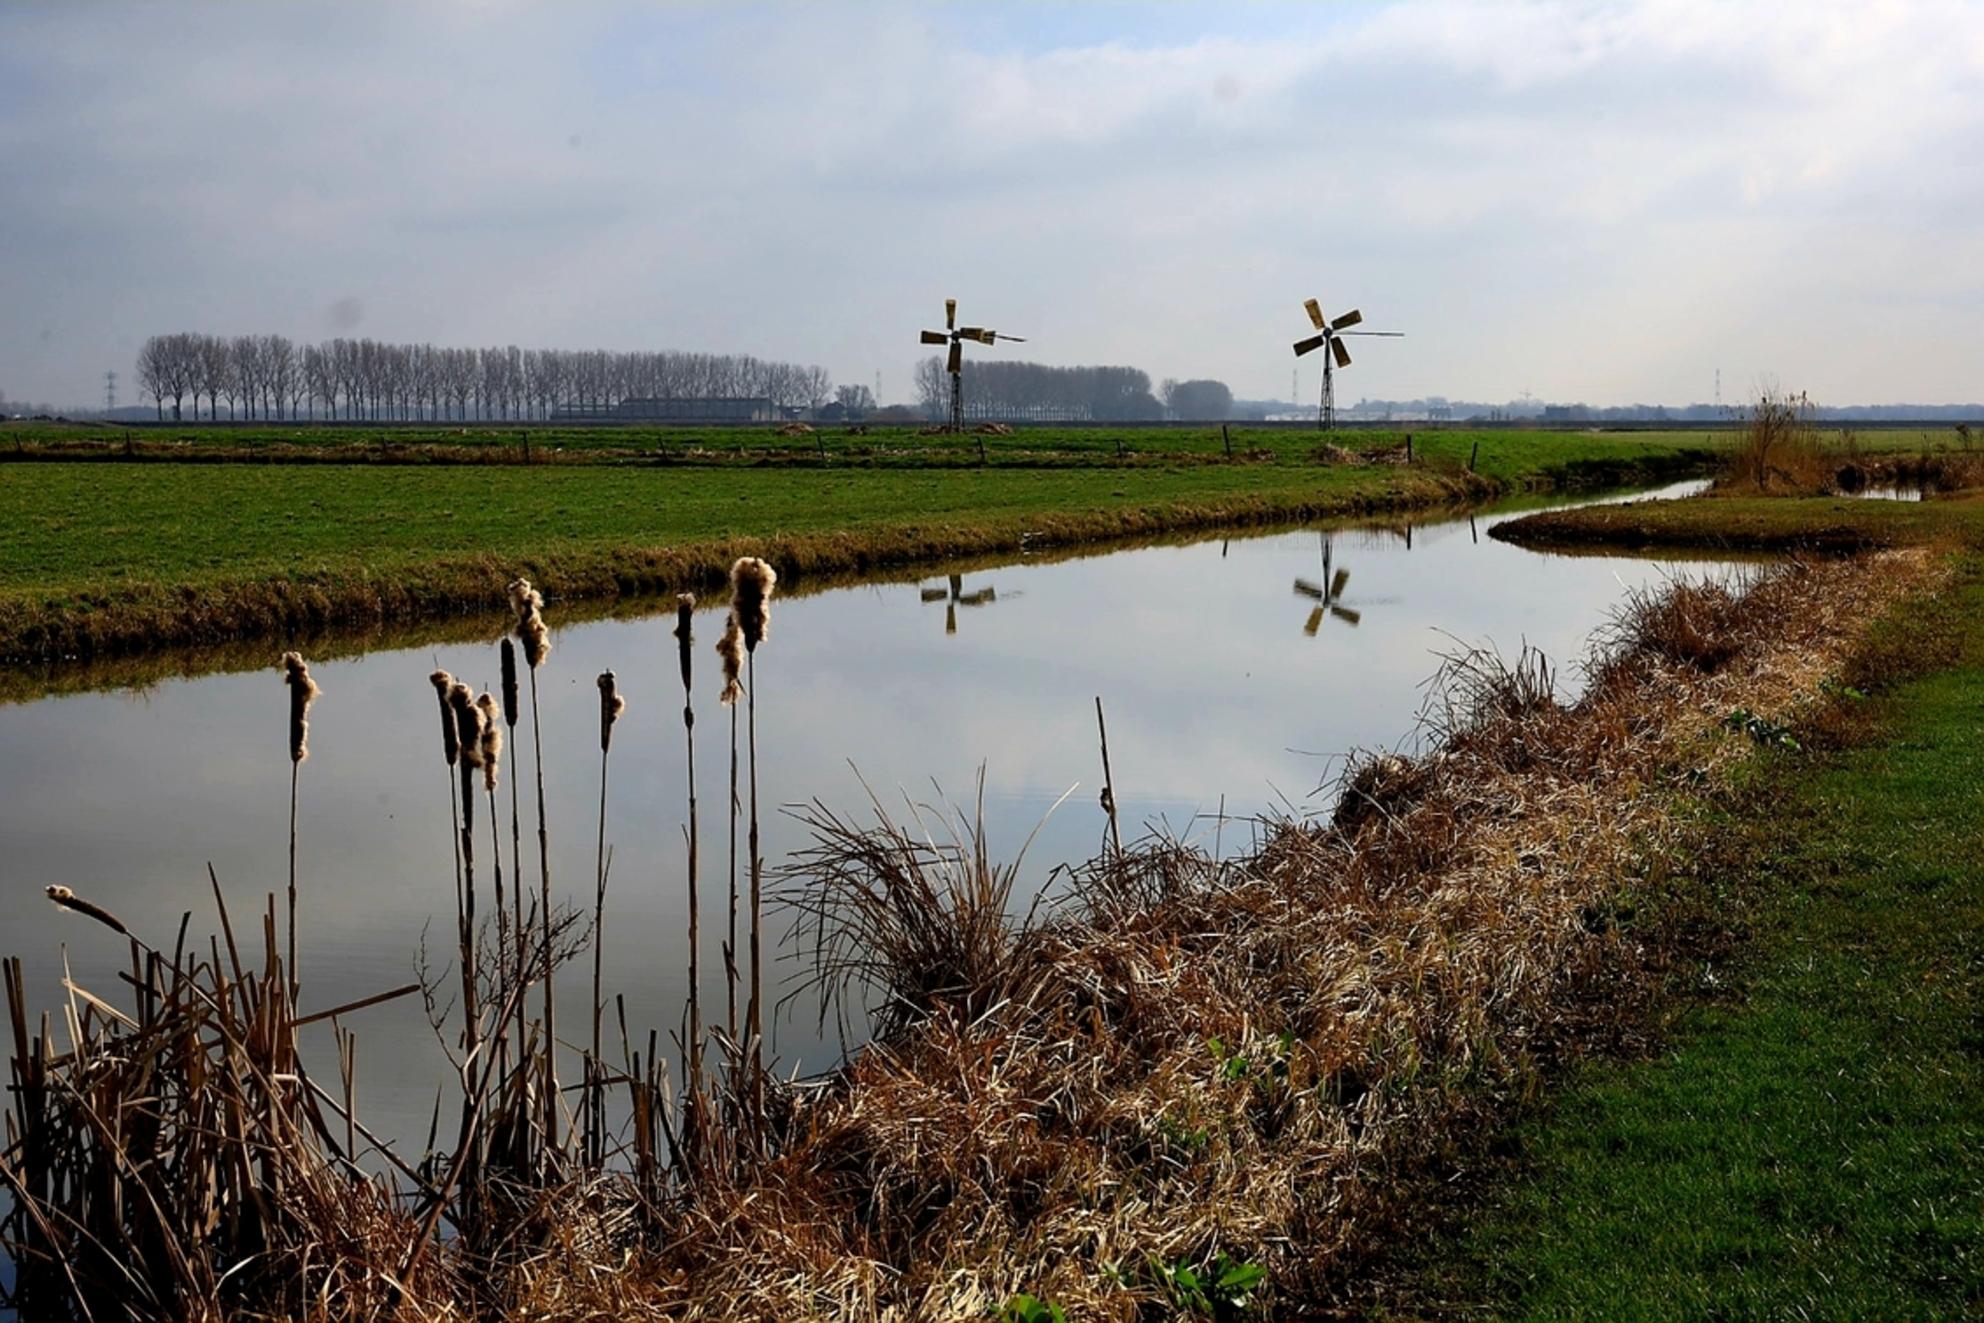 20210227_190719 - - - foto door Mounira op 27-02-2021 - Deze foto mag gebruikt worden in een Zoom.nl publicatie